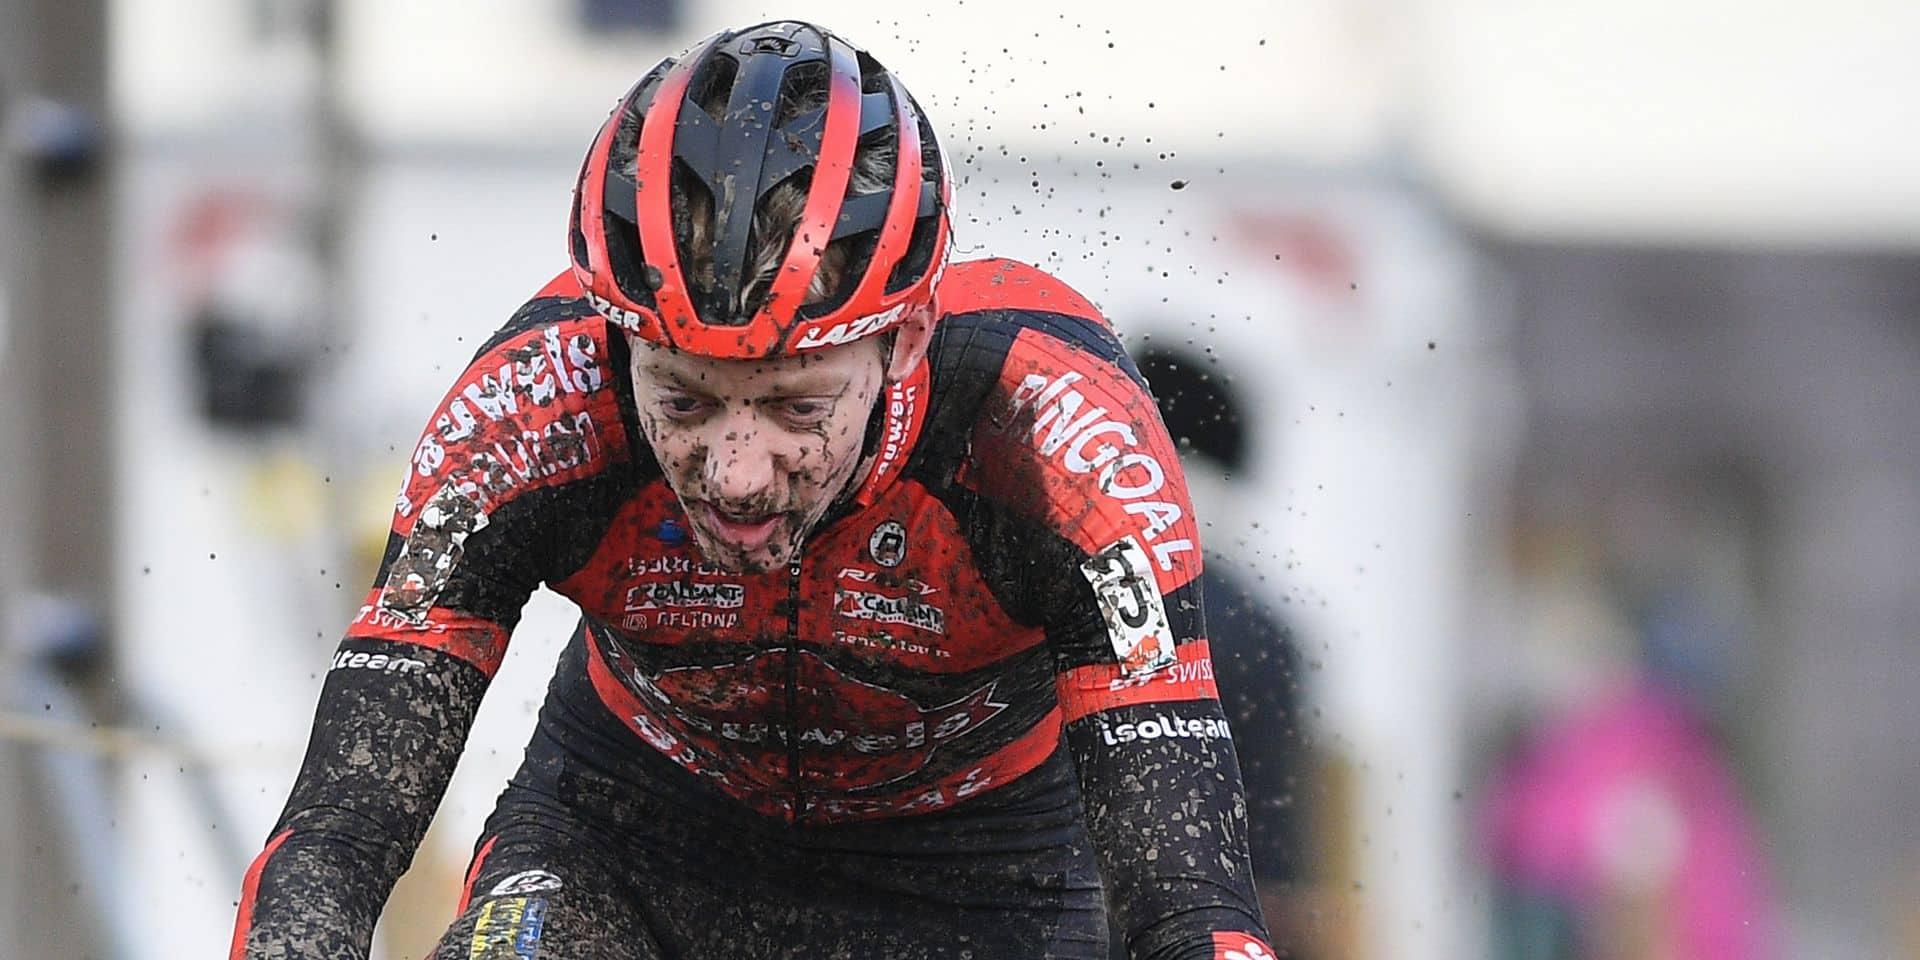 """Michaël Vanthourenhout, outsider au championnat de Belgique: """"Essayer de suivre Wout, et puis…"""""""